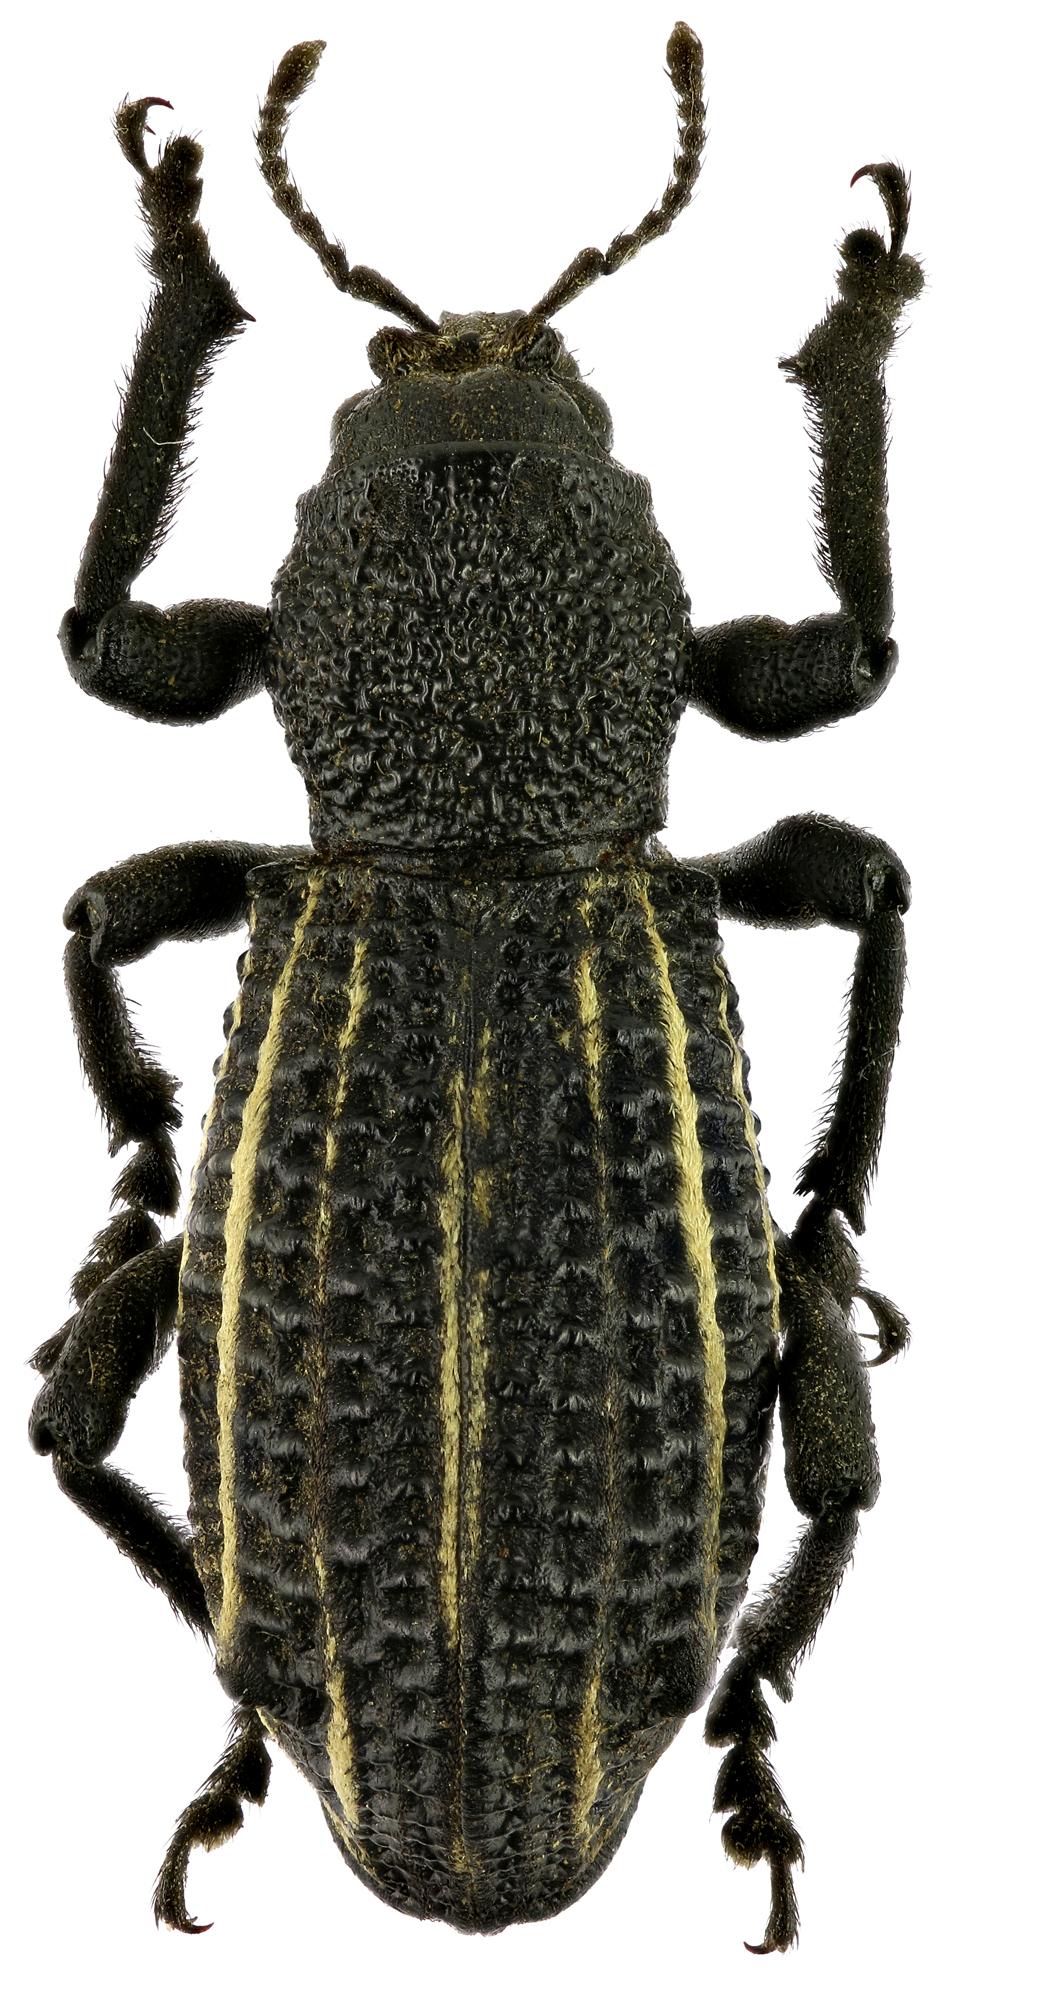 Lophotus albolineatus EOS 70D 2389zs18P.jpg